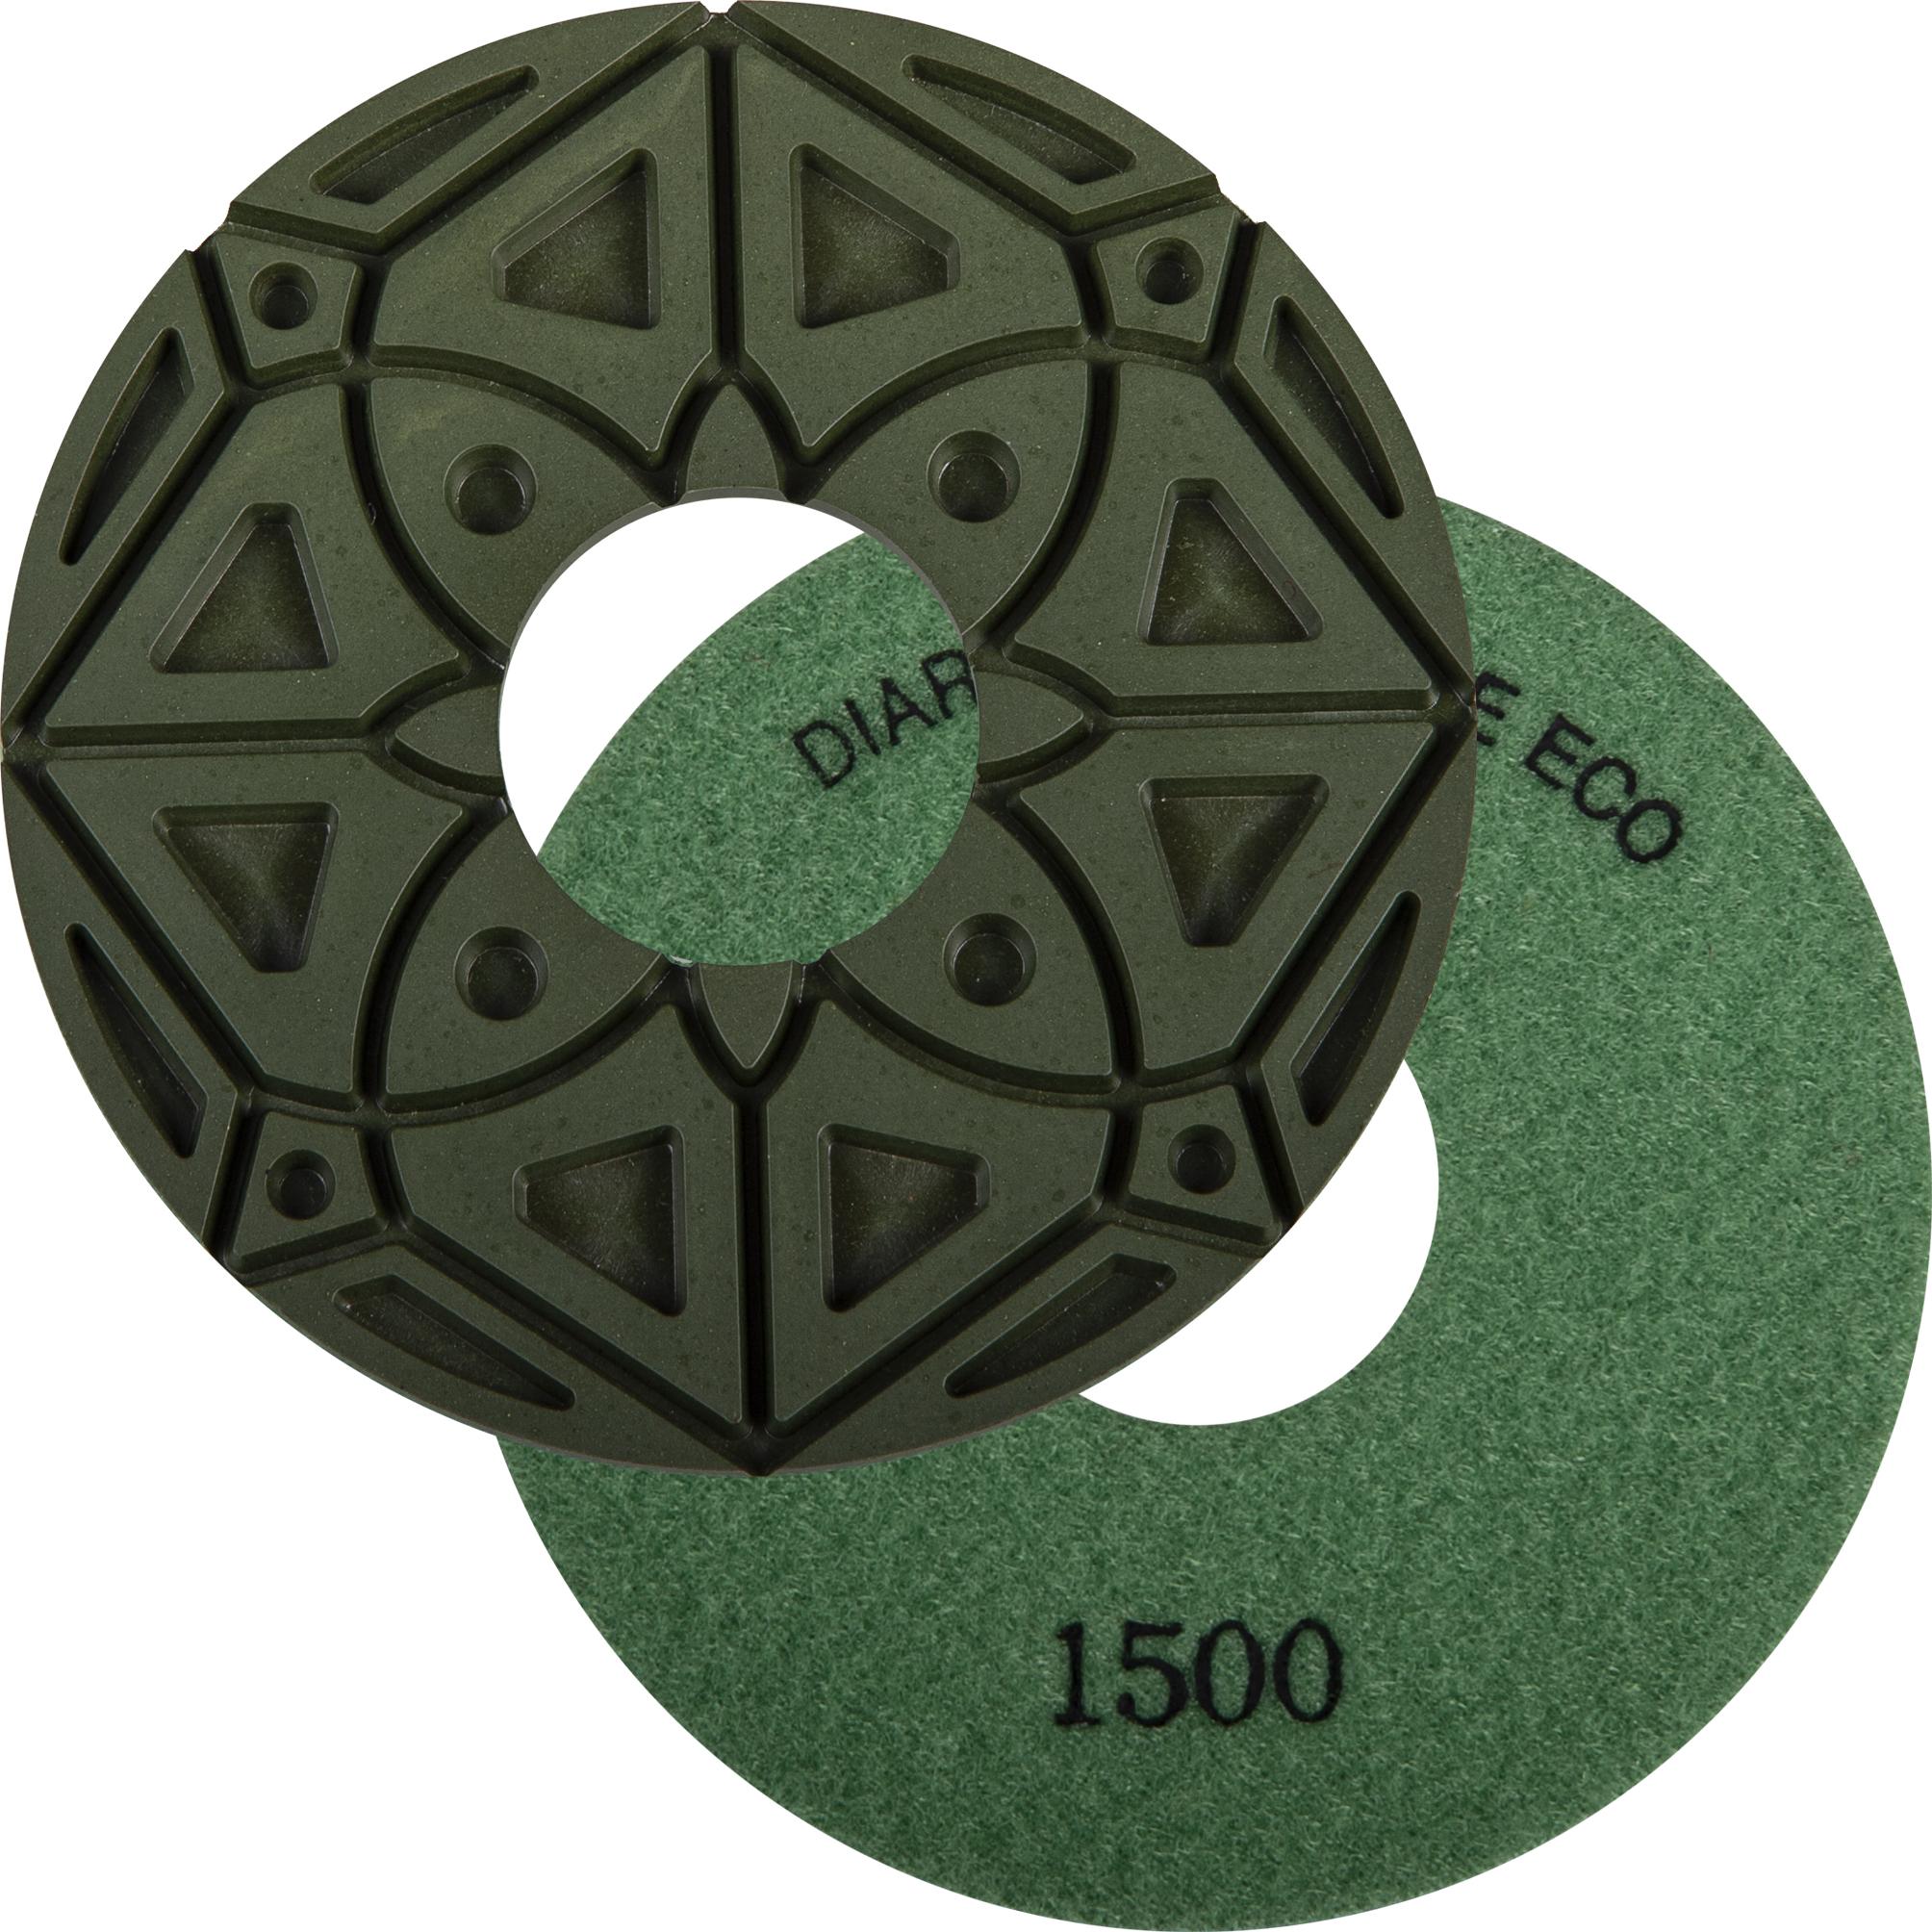 DIAREX Kantenschleifbelag KS-Edge ECO ø 130 mm | Korn 1500 | Klett